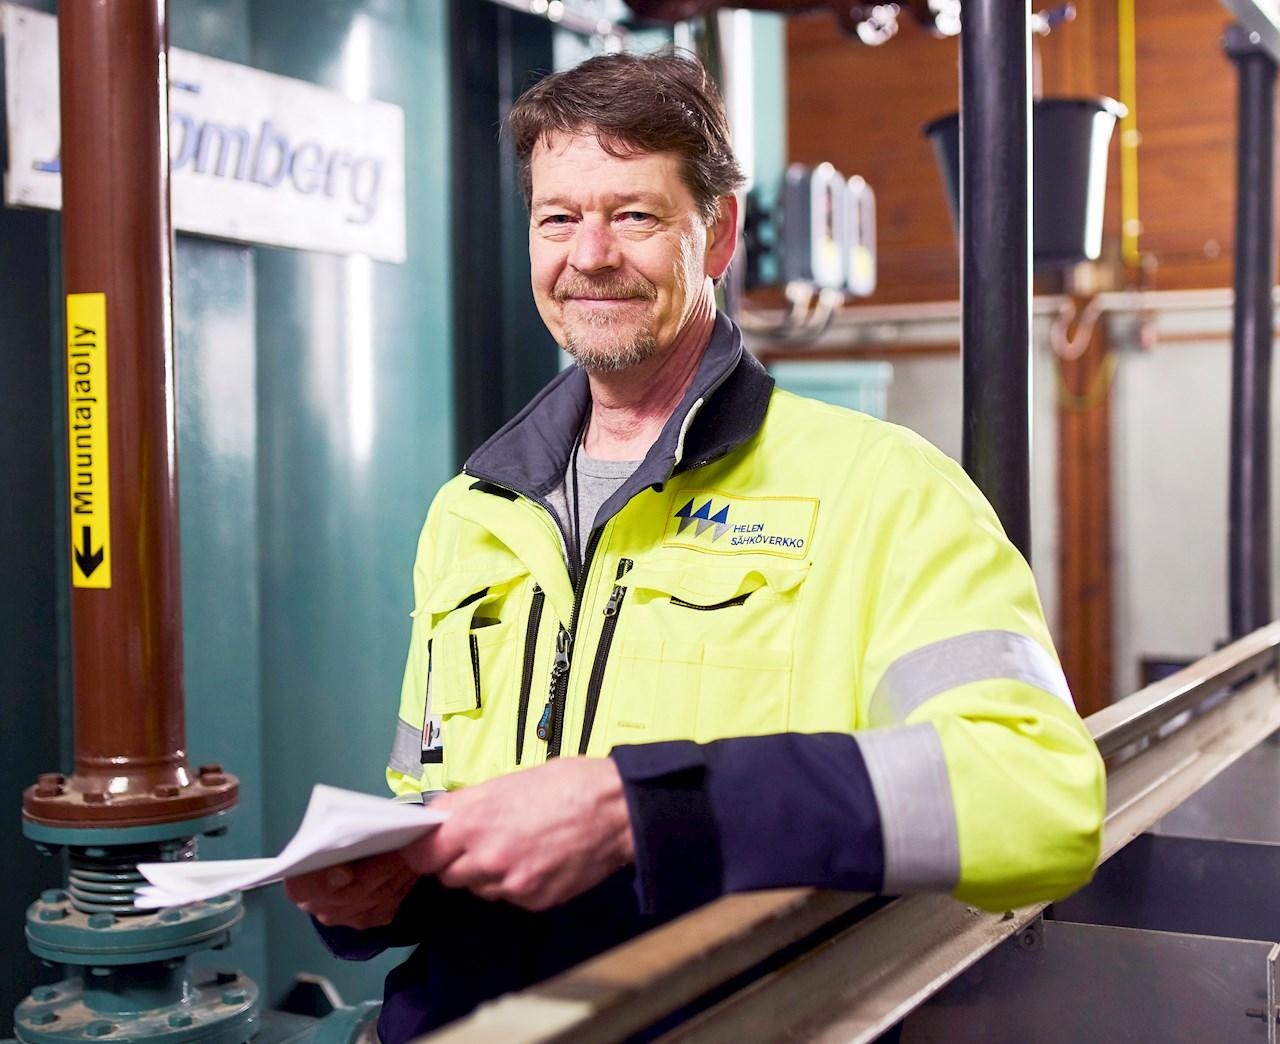 """Kruununhaan sähköasema pudottaa 110 kV:n jännitteen jakeluverkkoon sopivaksi. Vuodesta 2015 lähtien päämuuntajien häviölämpö on käytetty kiinteistön lämmitykseen. """"Järjestelmä on toiminut juuri kuten suunniteltiin"""", Helen Sähköverkon Mika Aromaa kertoo."""